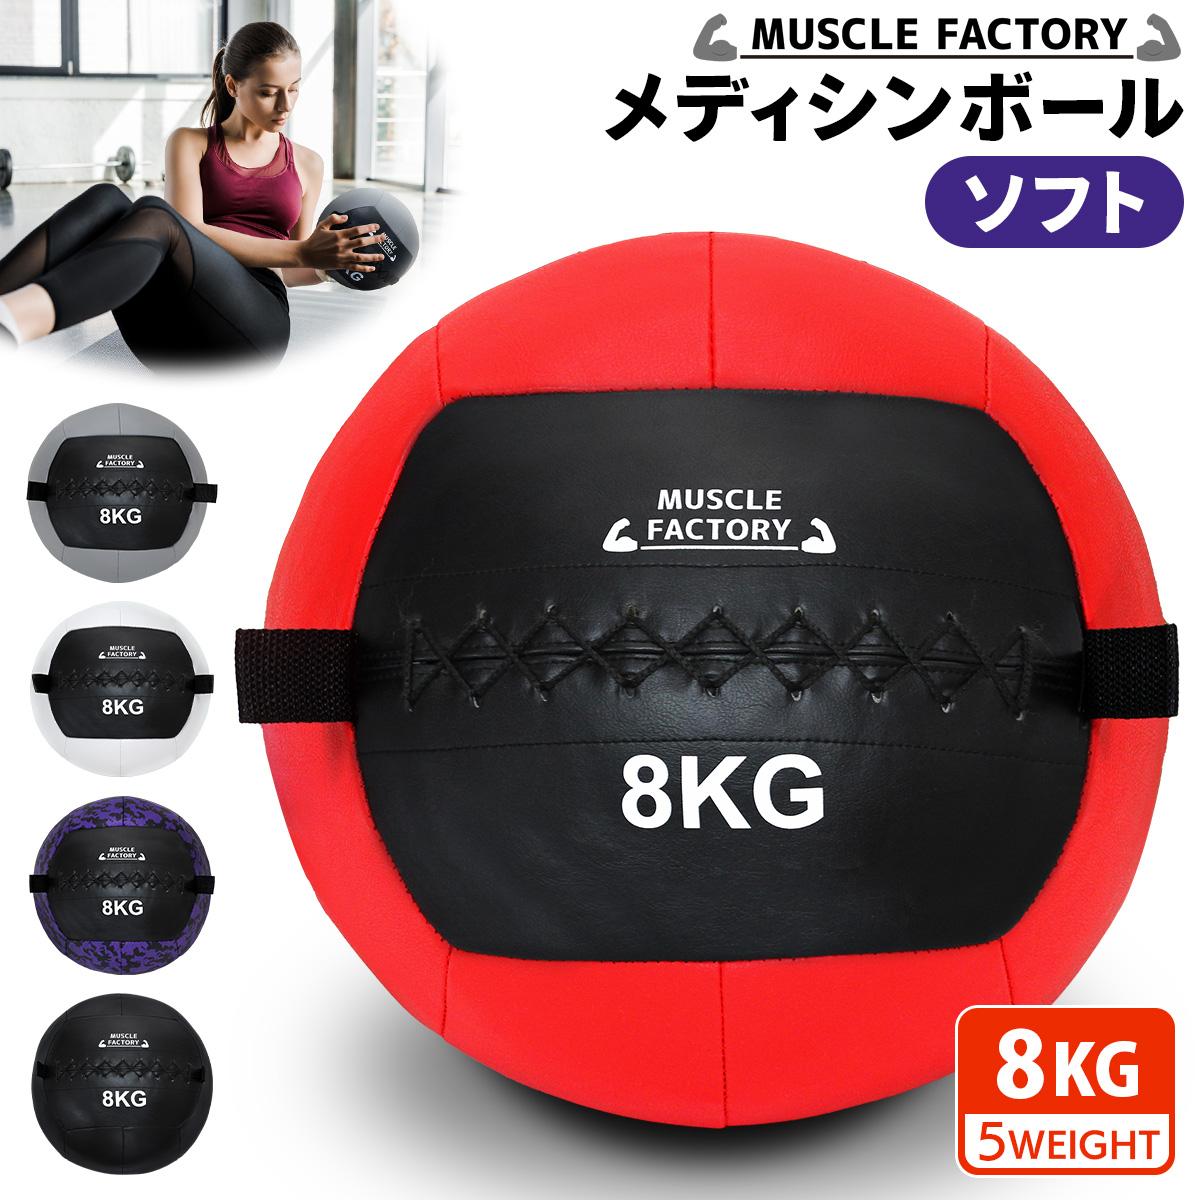 メディシンボール ソフト ウォールボール 体幹 トレーニング 筋トレ 8kg